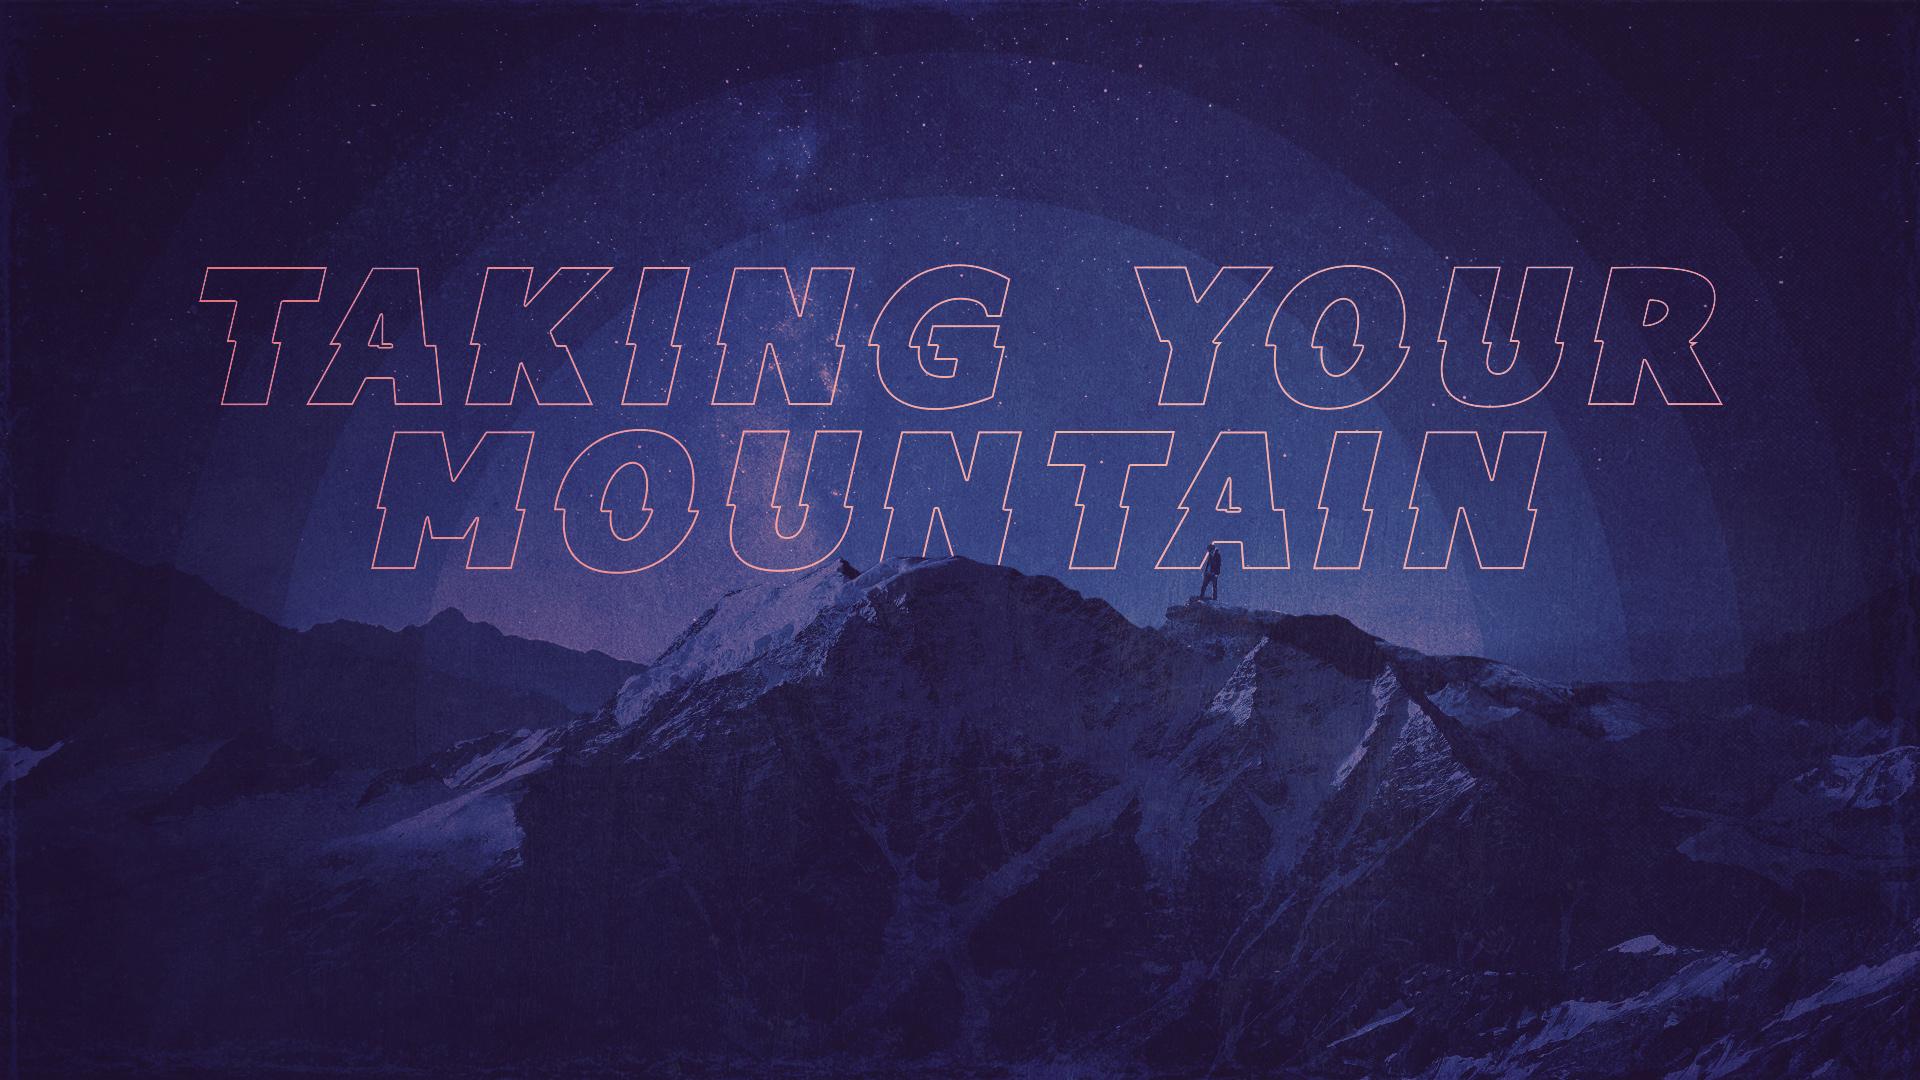 Taking Your Mountain (2018)